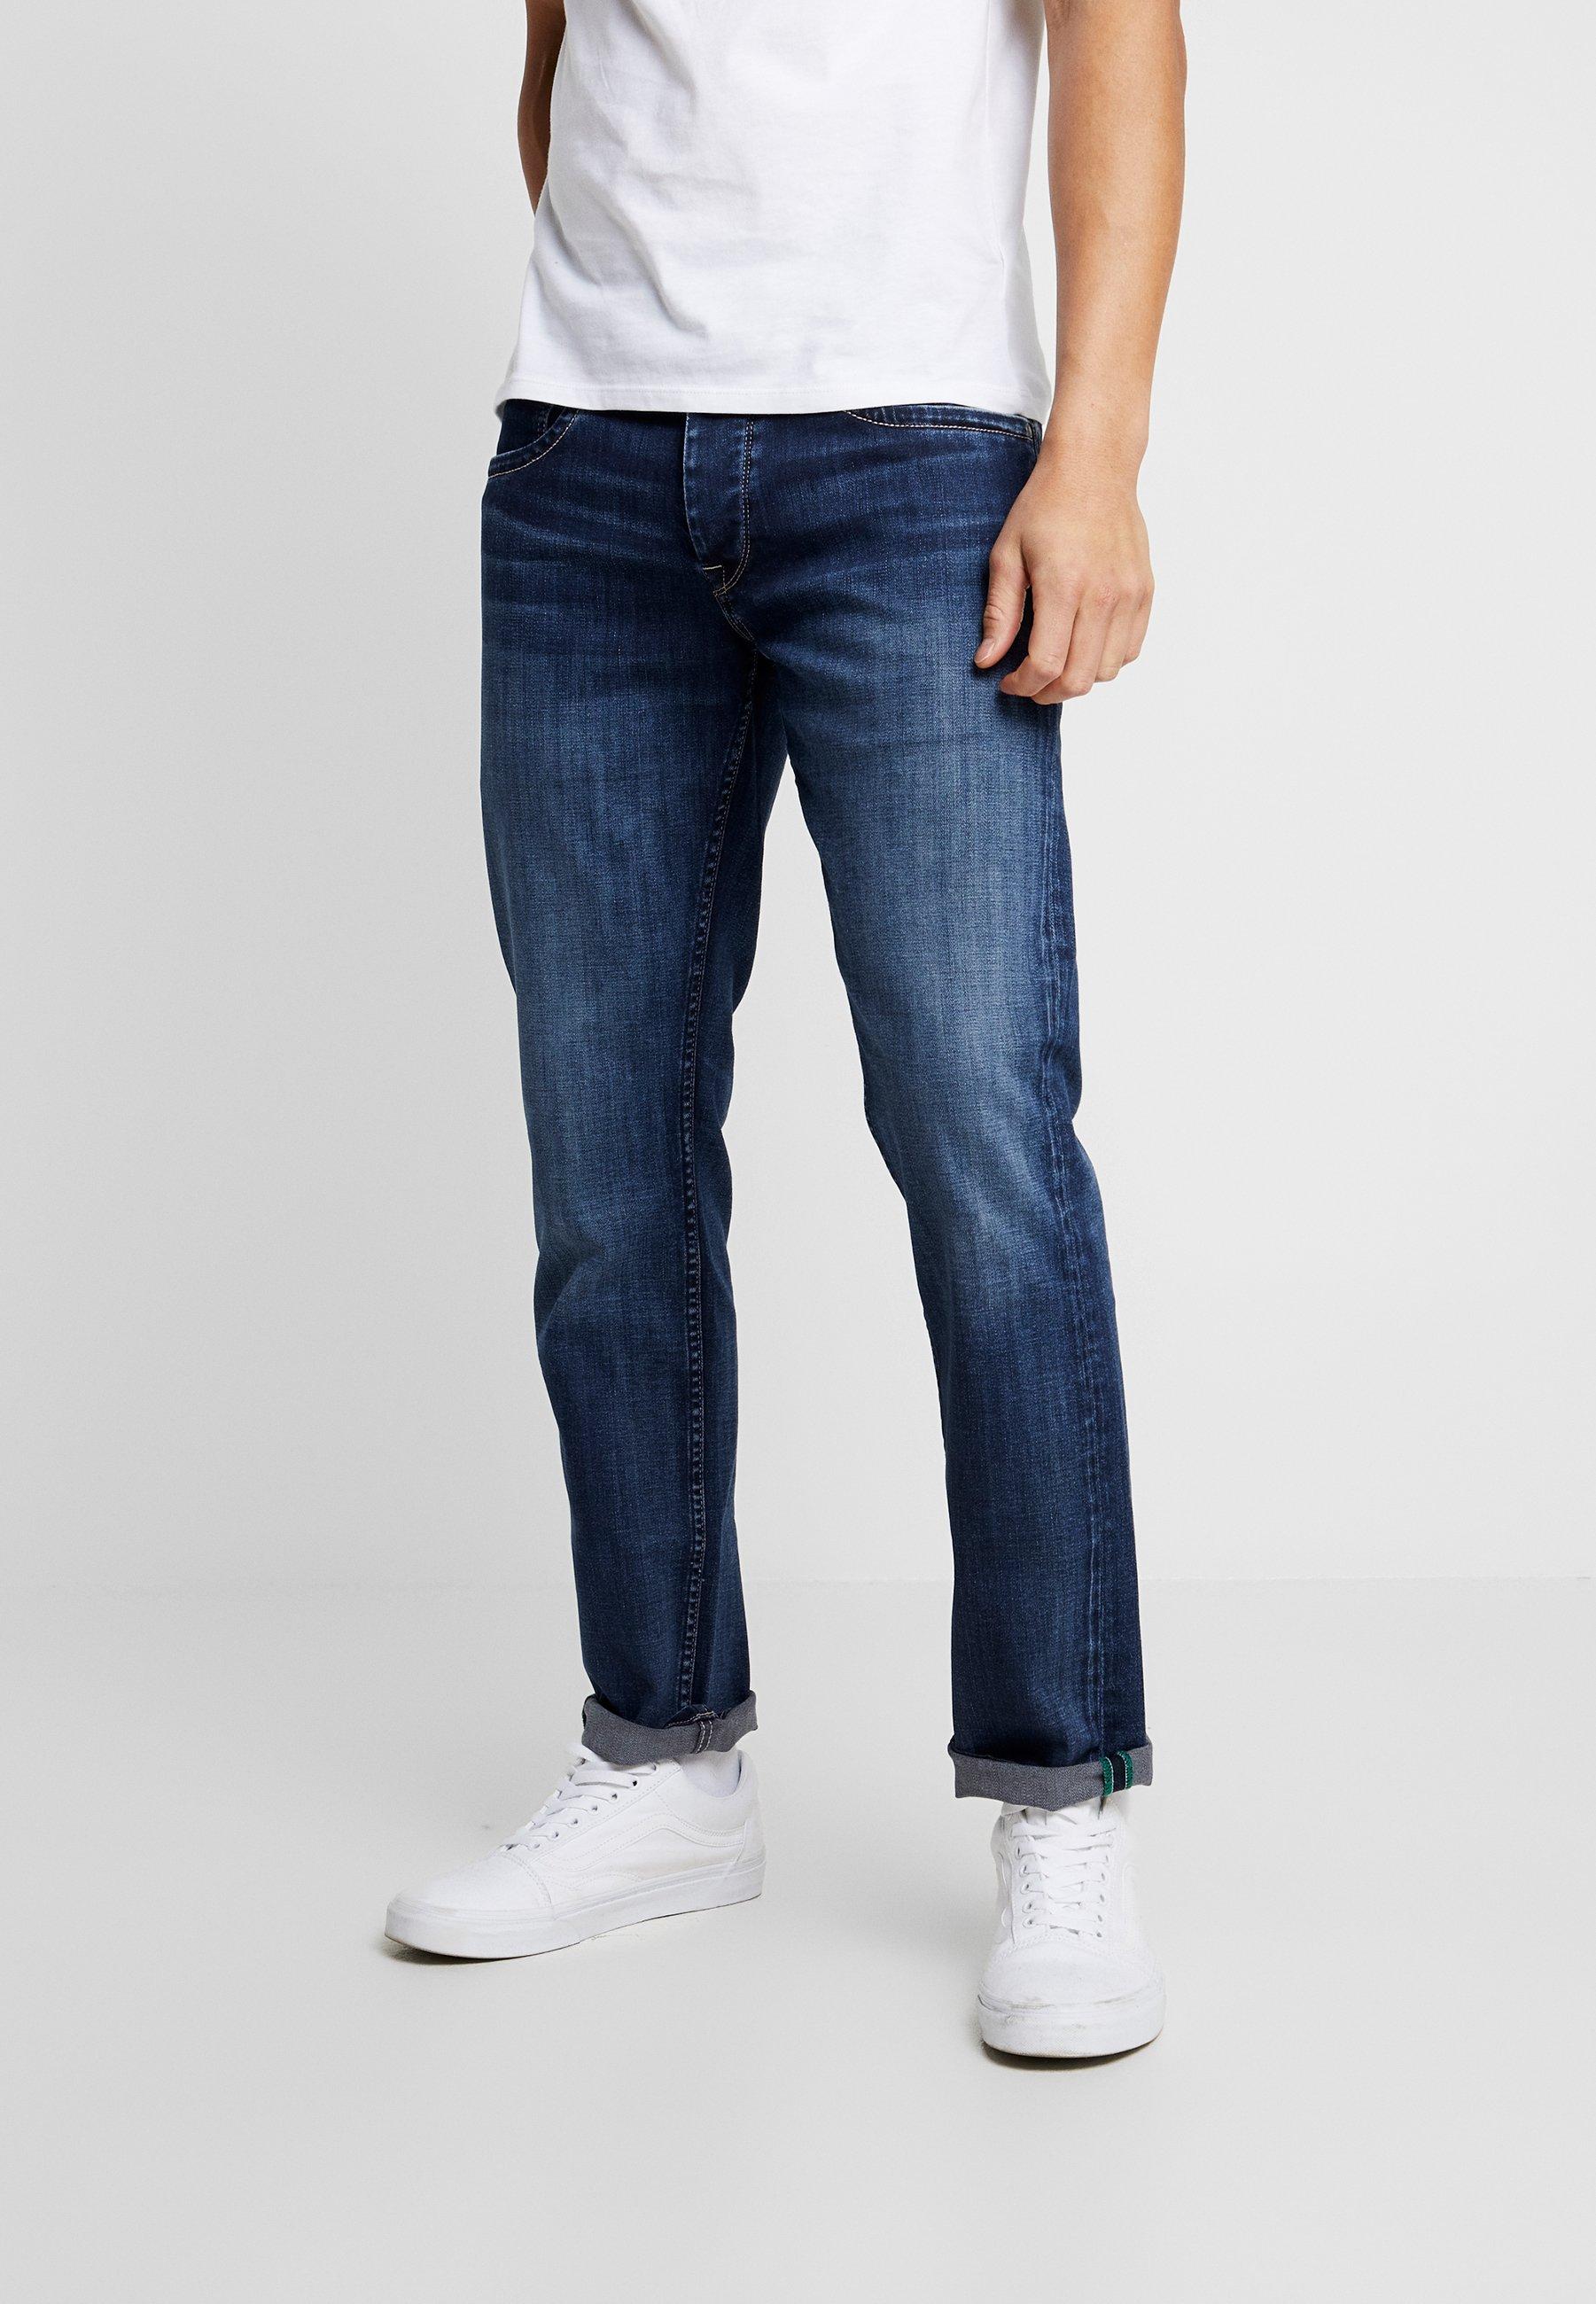 Suunnittelija Miesten vaatteet Sarja dfKJIUp97454sfGHYHD Pepe Jeans CASH Straight leg -farkut dark used wiser wash